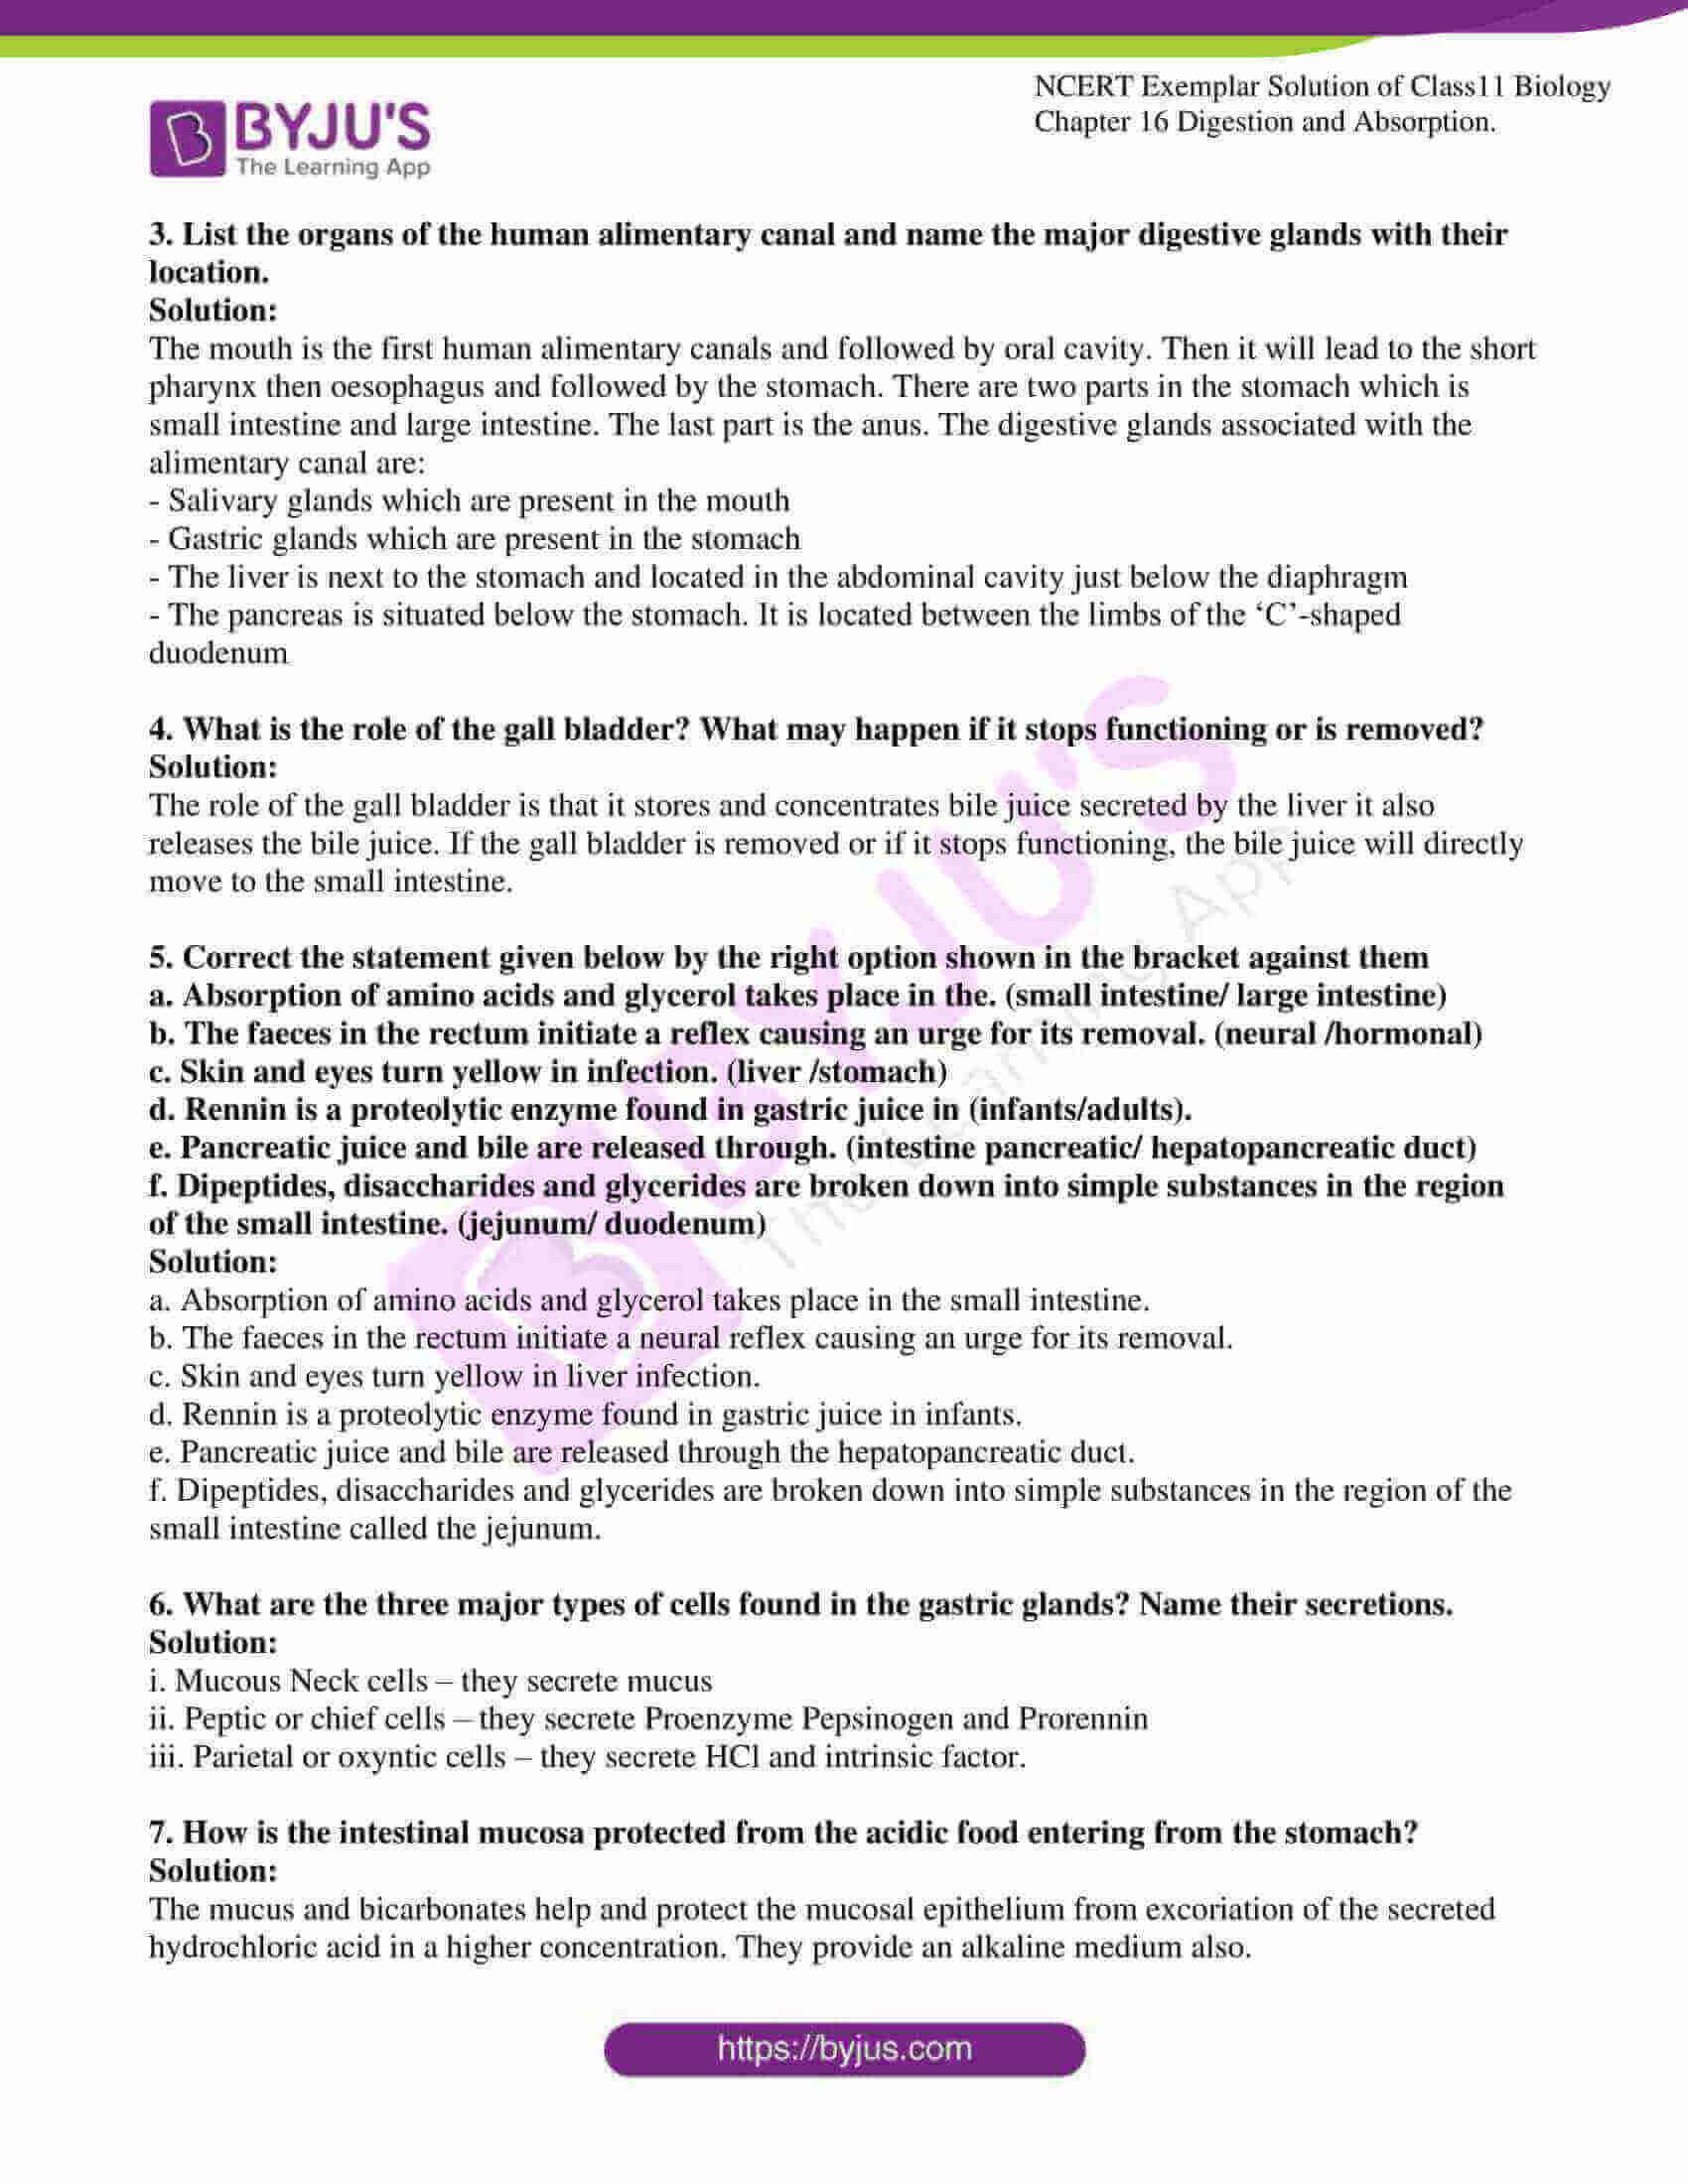 ncert exemplar solutions class 11 biology chapter 16 5